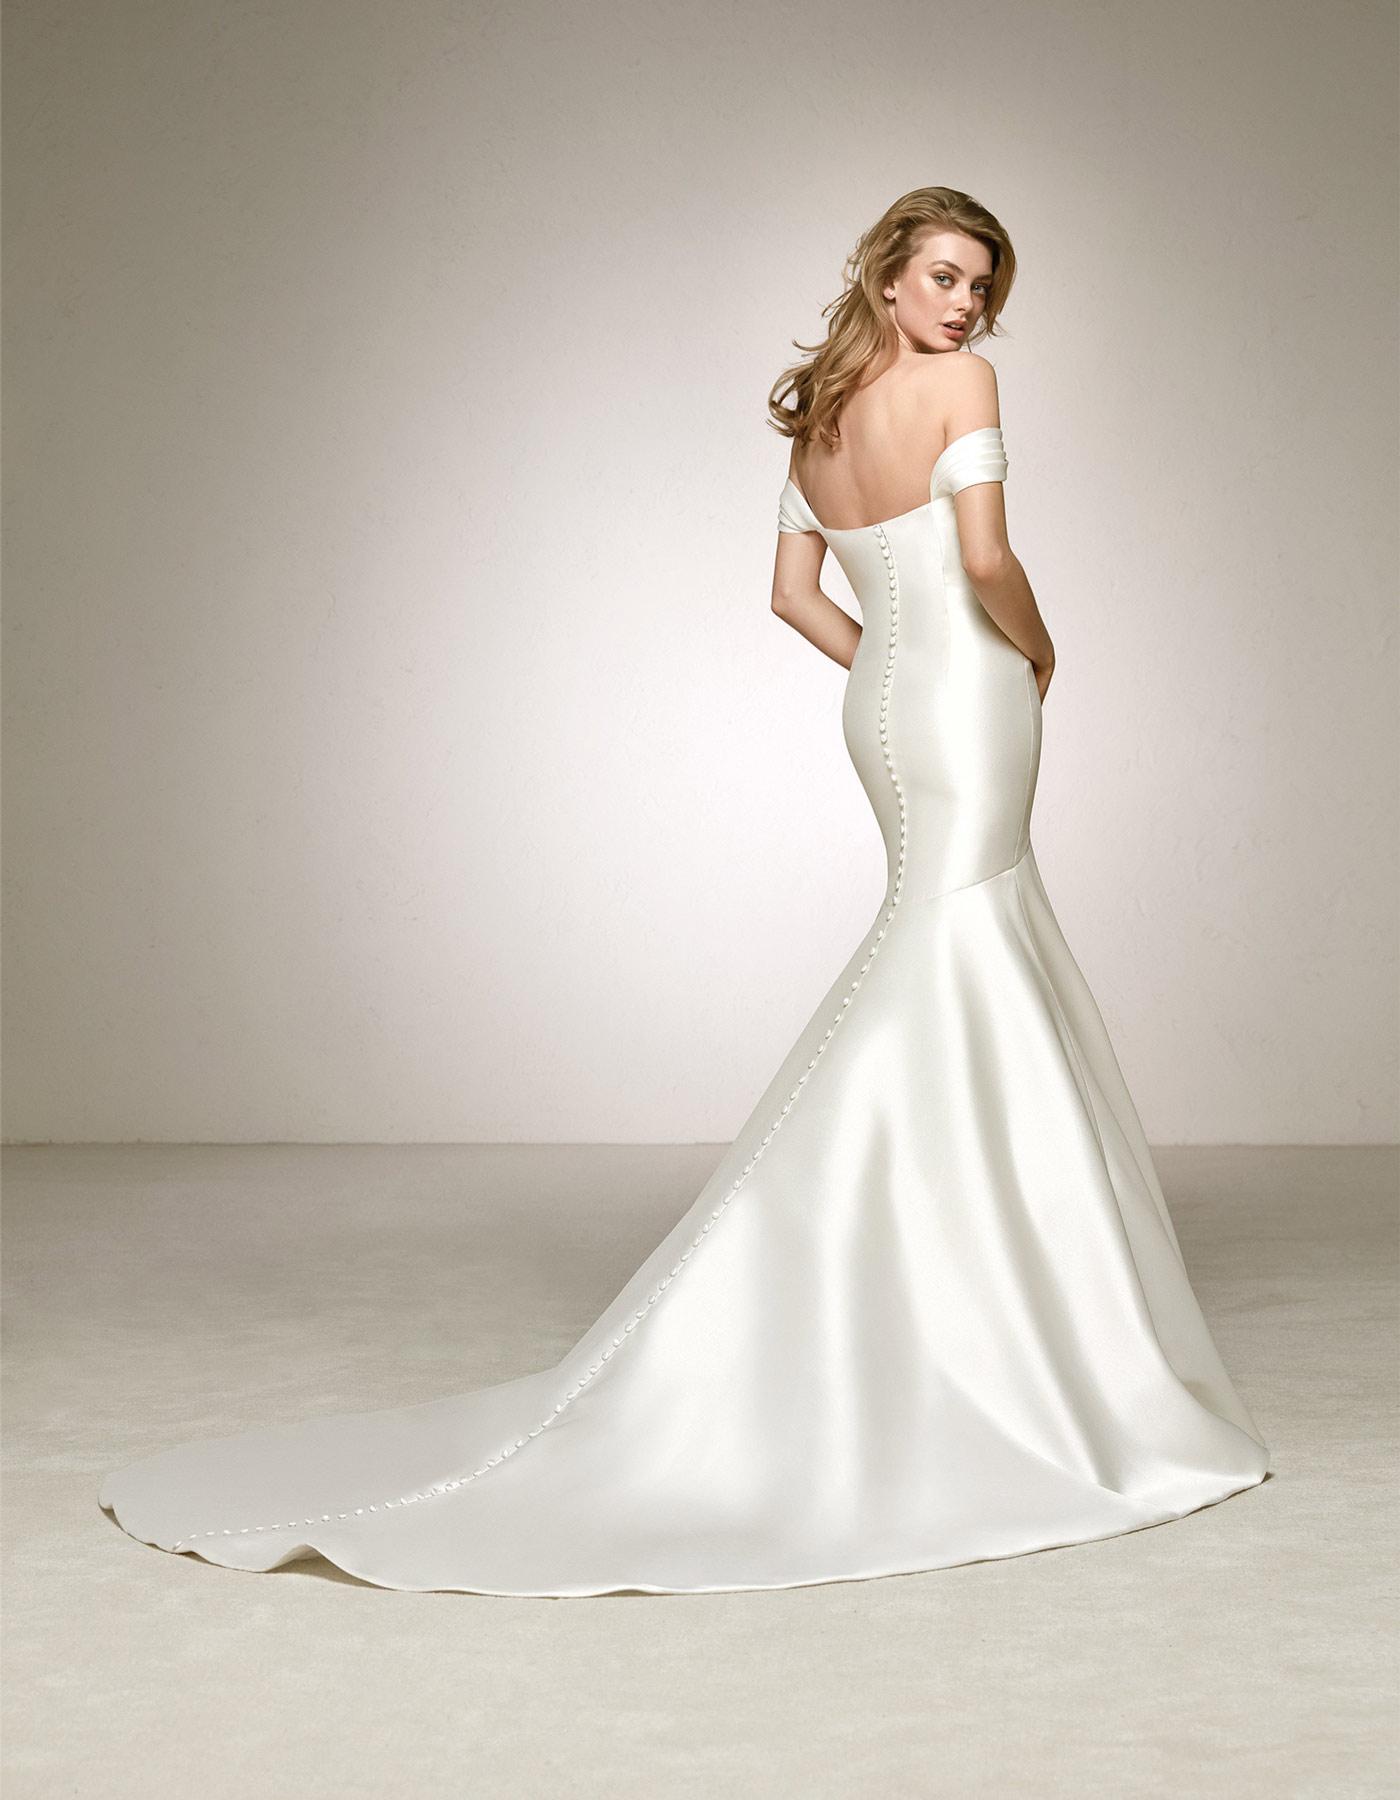 wedding dresses size 2 photo - 1